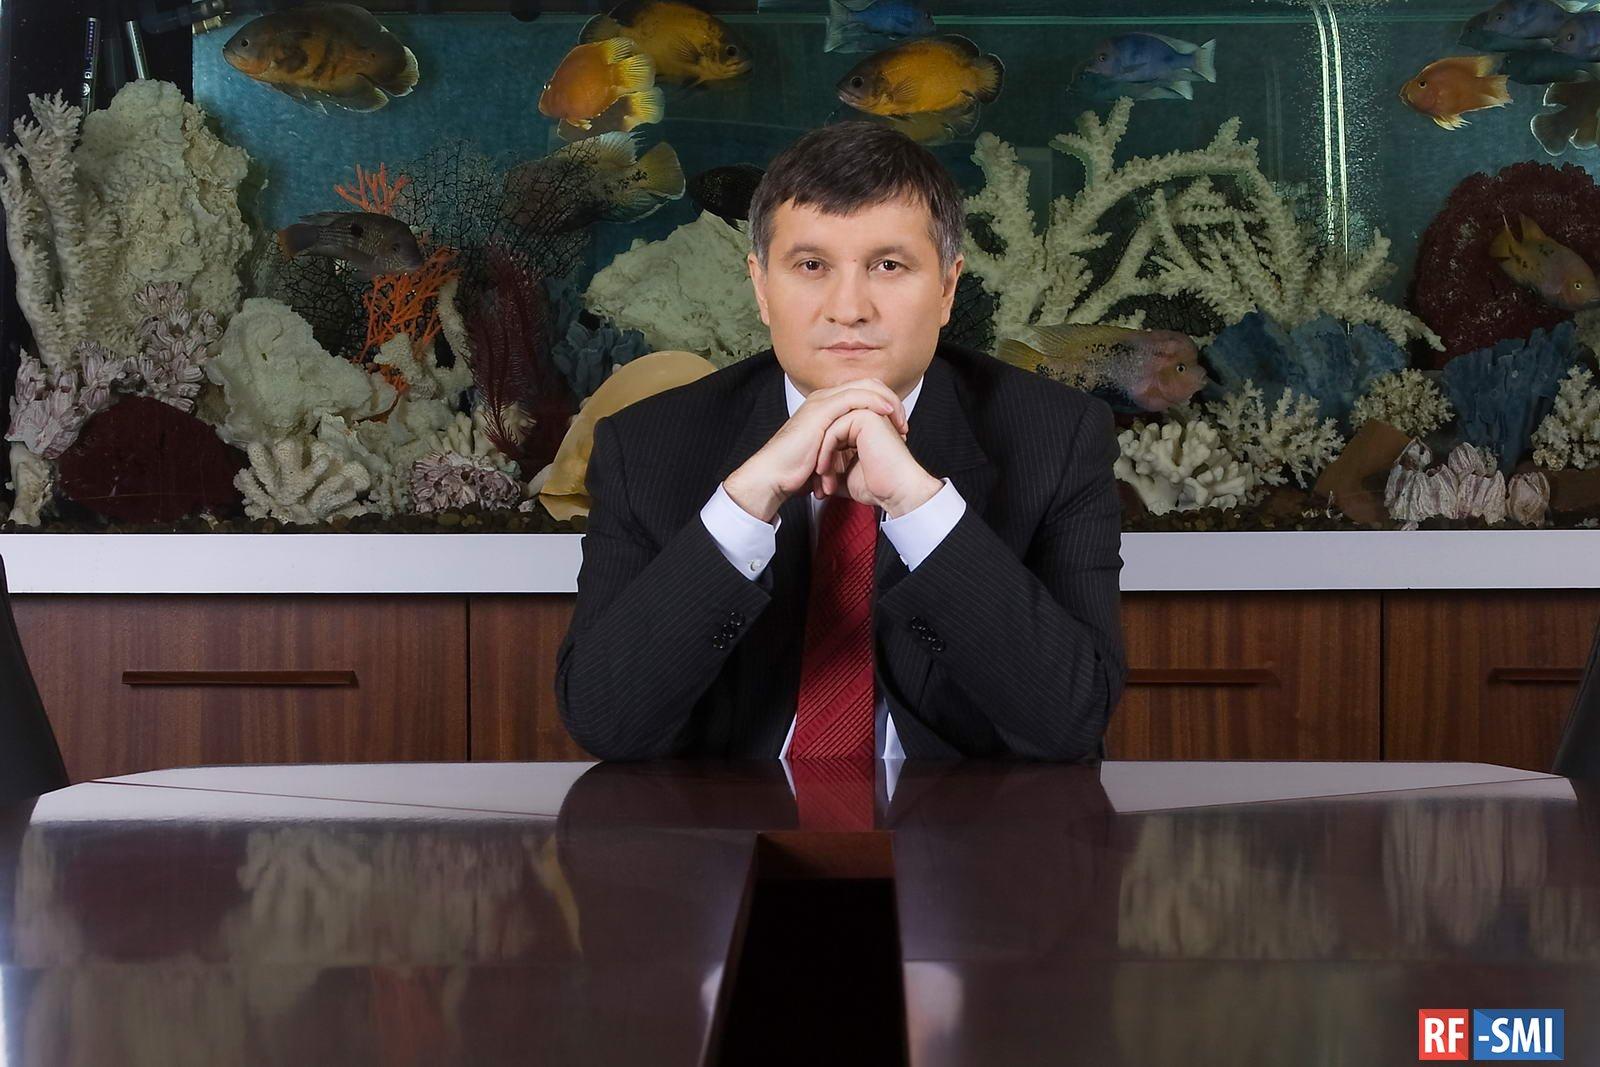 Киев полностью останавливает пассажирские перевозки - Аваков